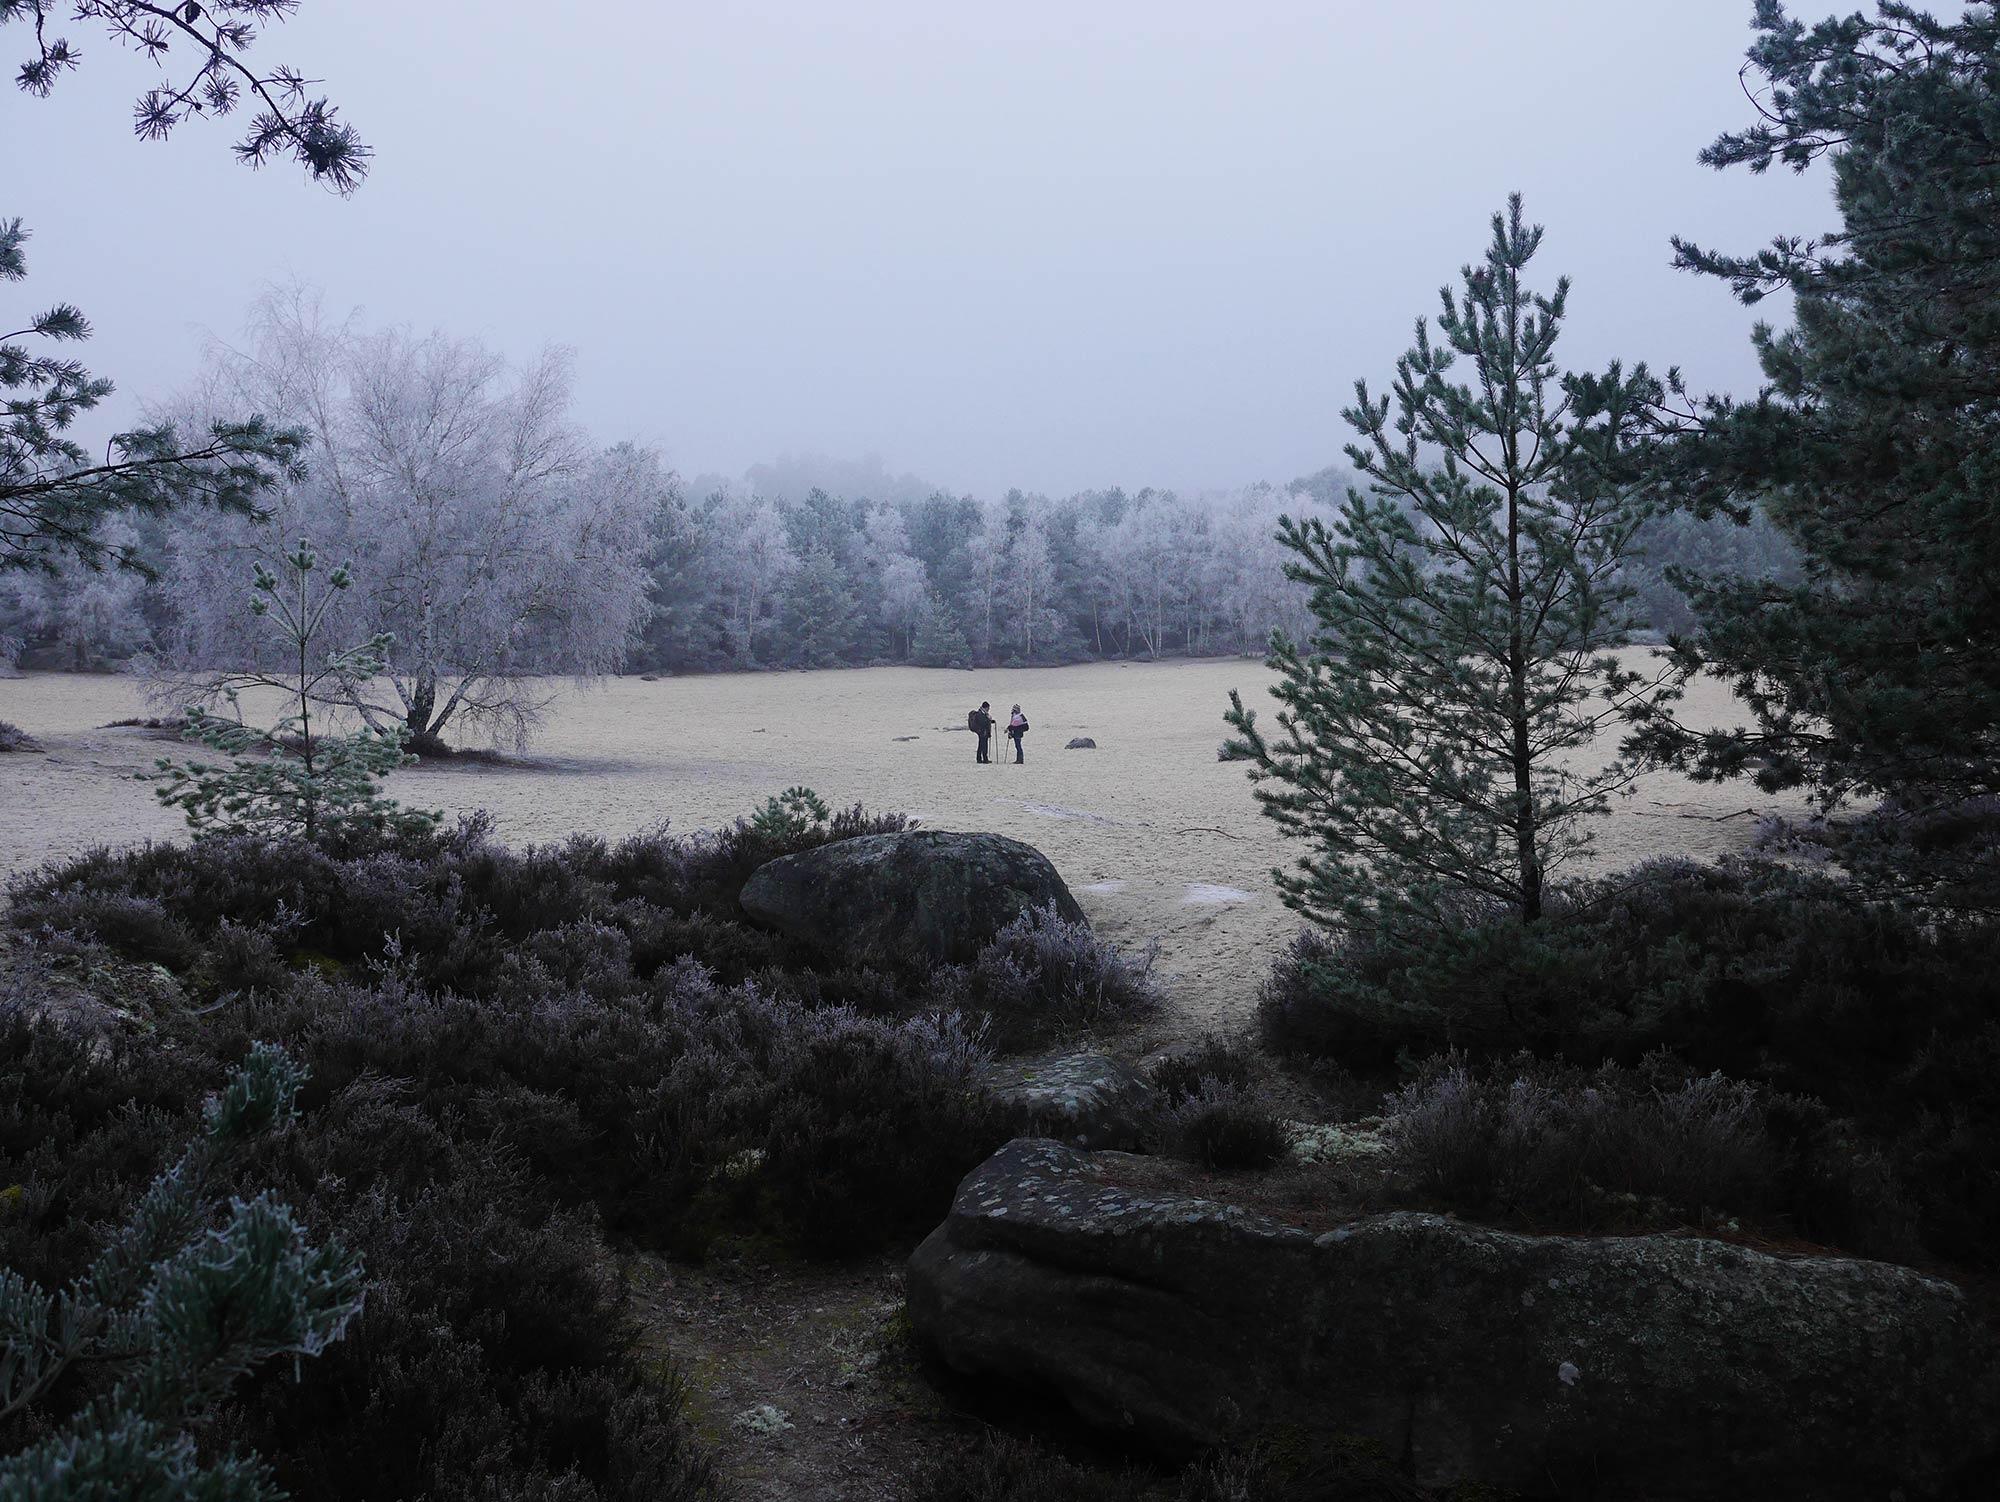 6_Fontainebleau_LocalLegends.jpg